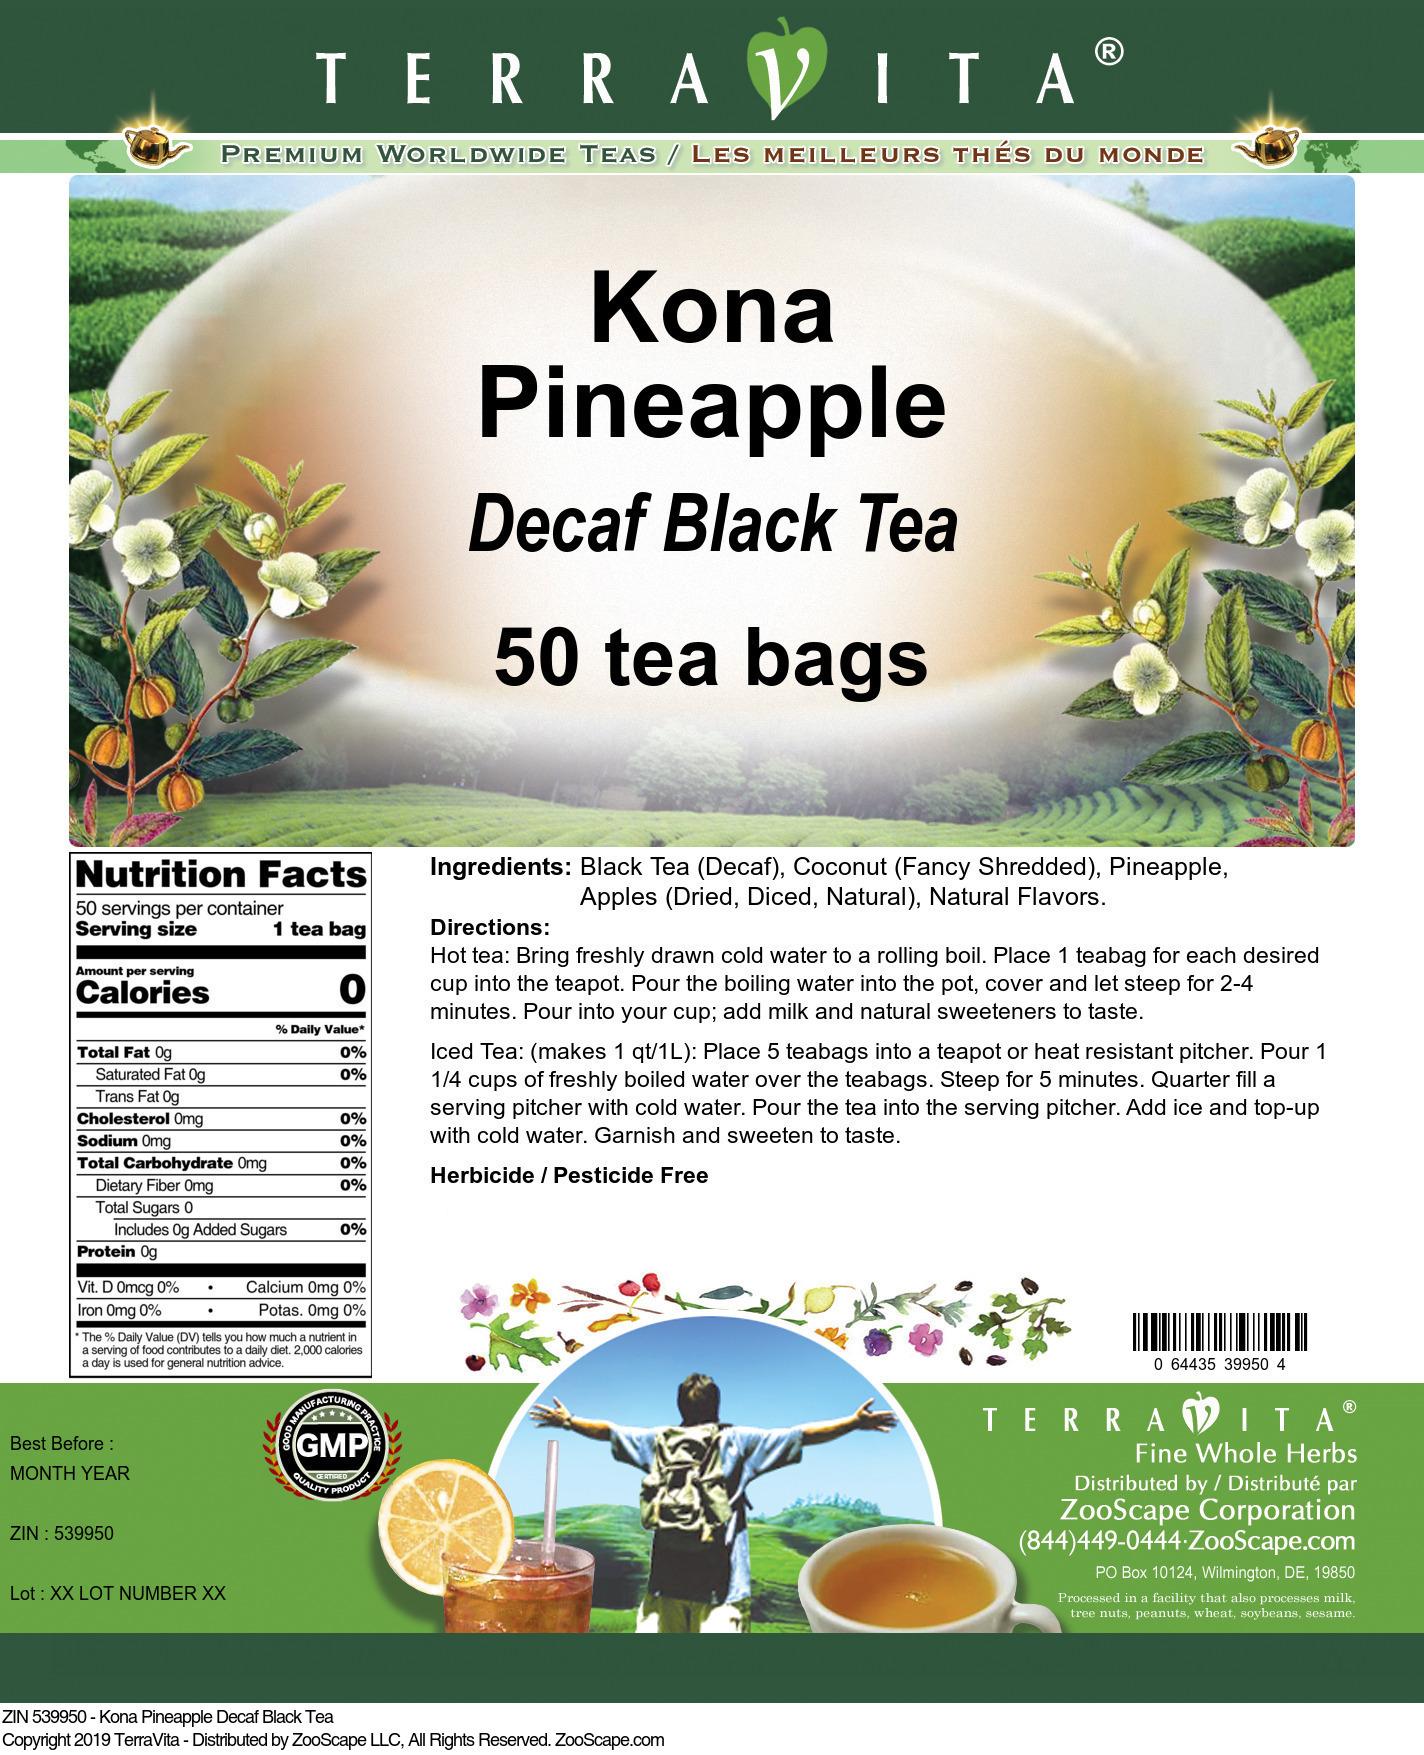 Kona Pineapple Decaf Black Tea